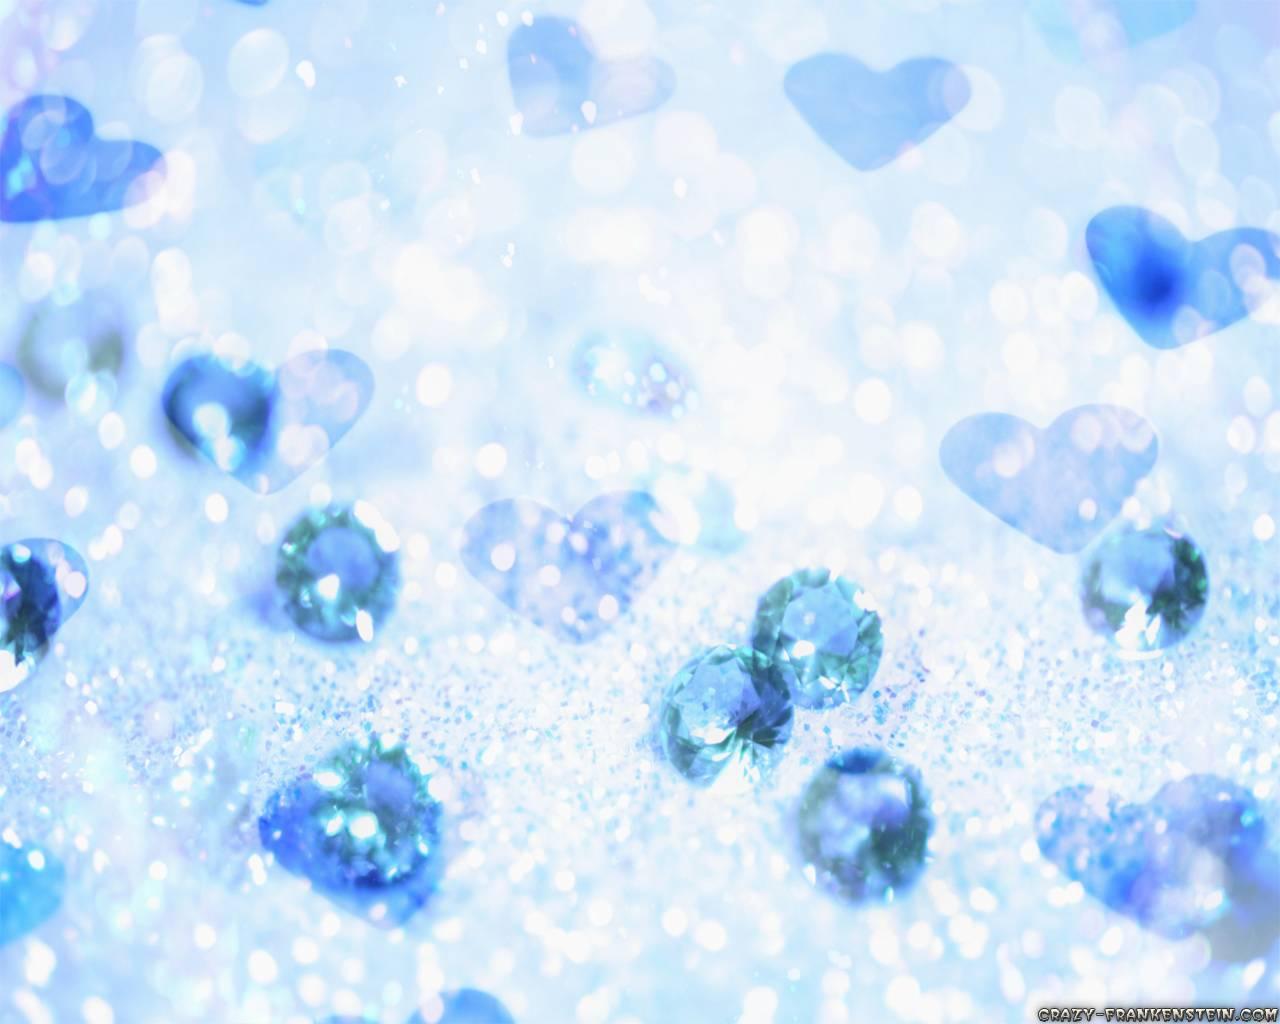 Blue Heart Wallpaper - WallpaperSafari Blue Heart Wallpapers